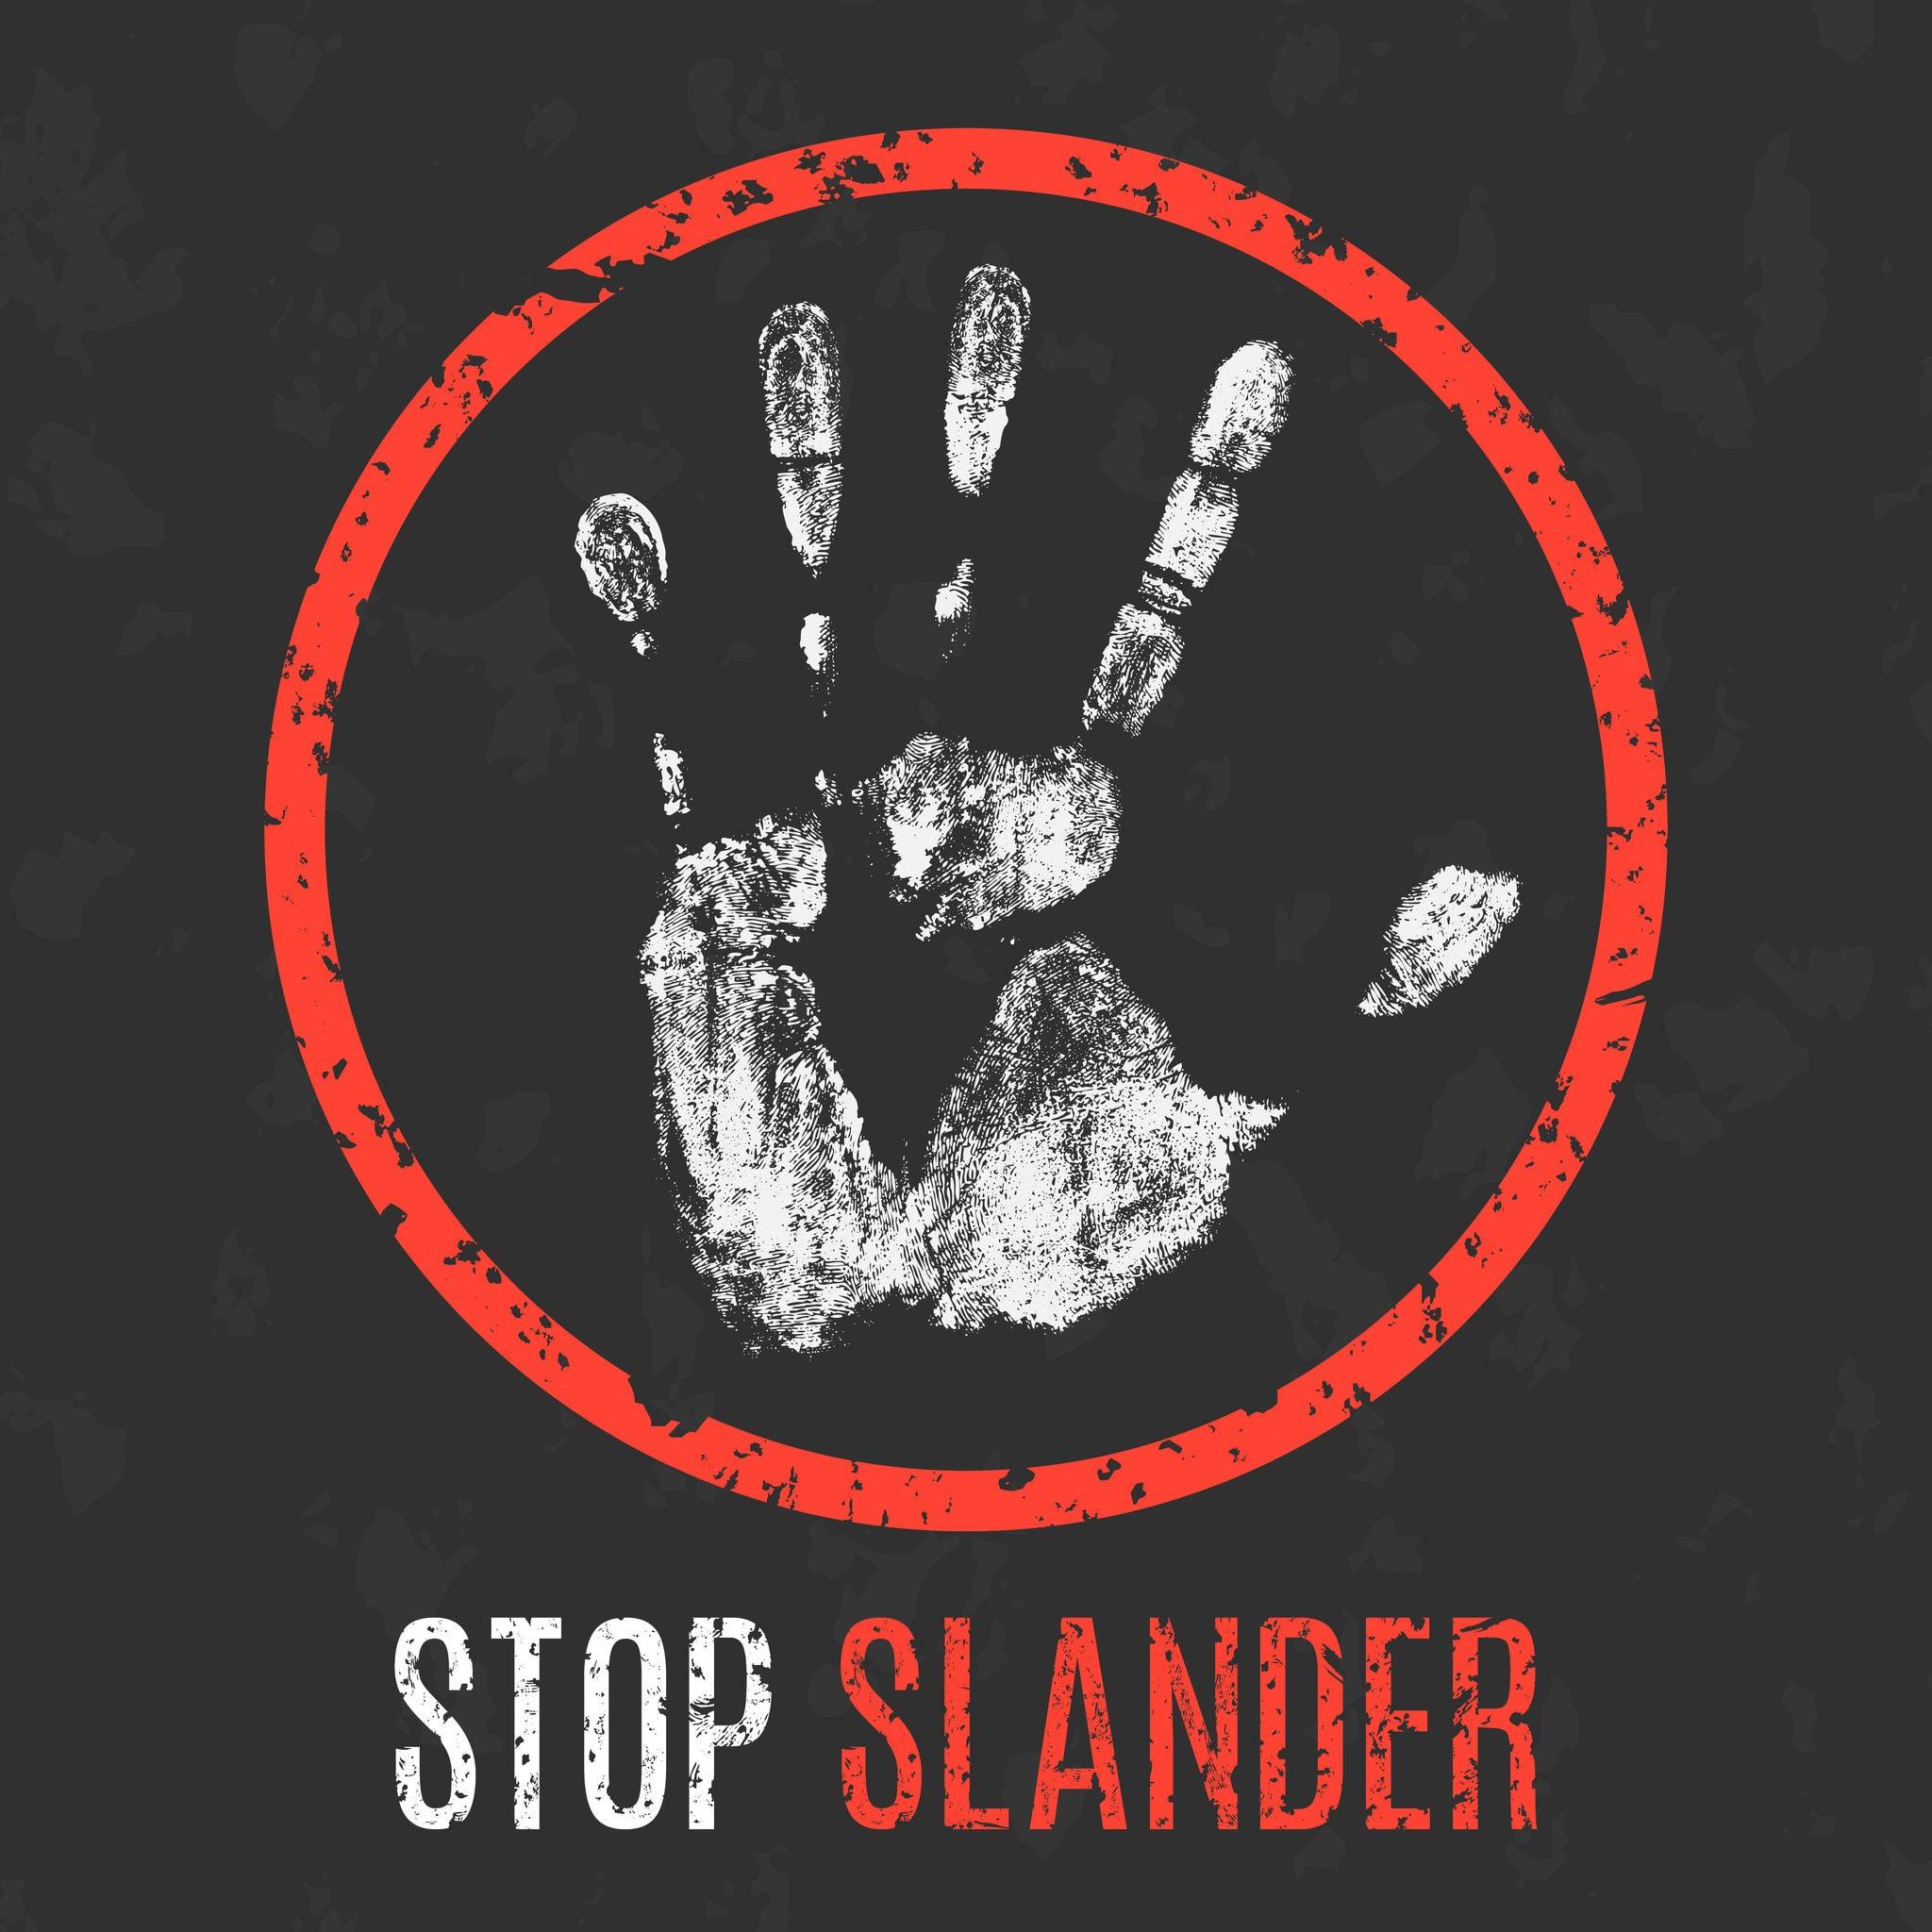 Stop Internet Slander, Defamation, Libel